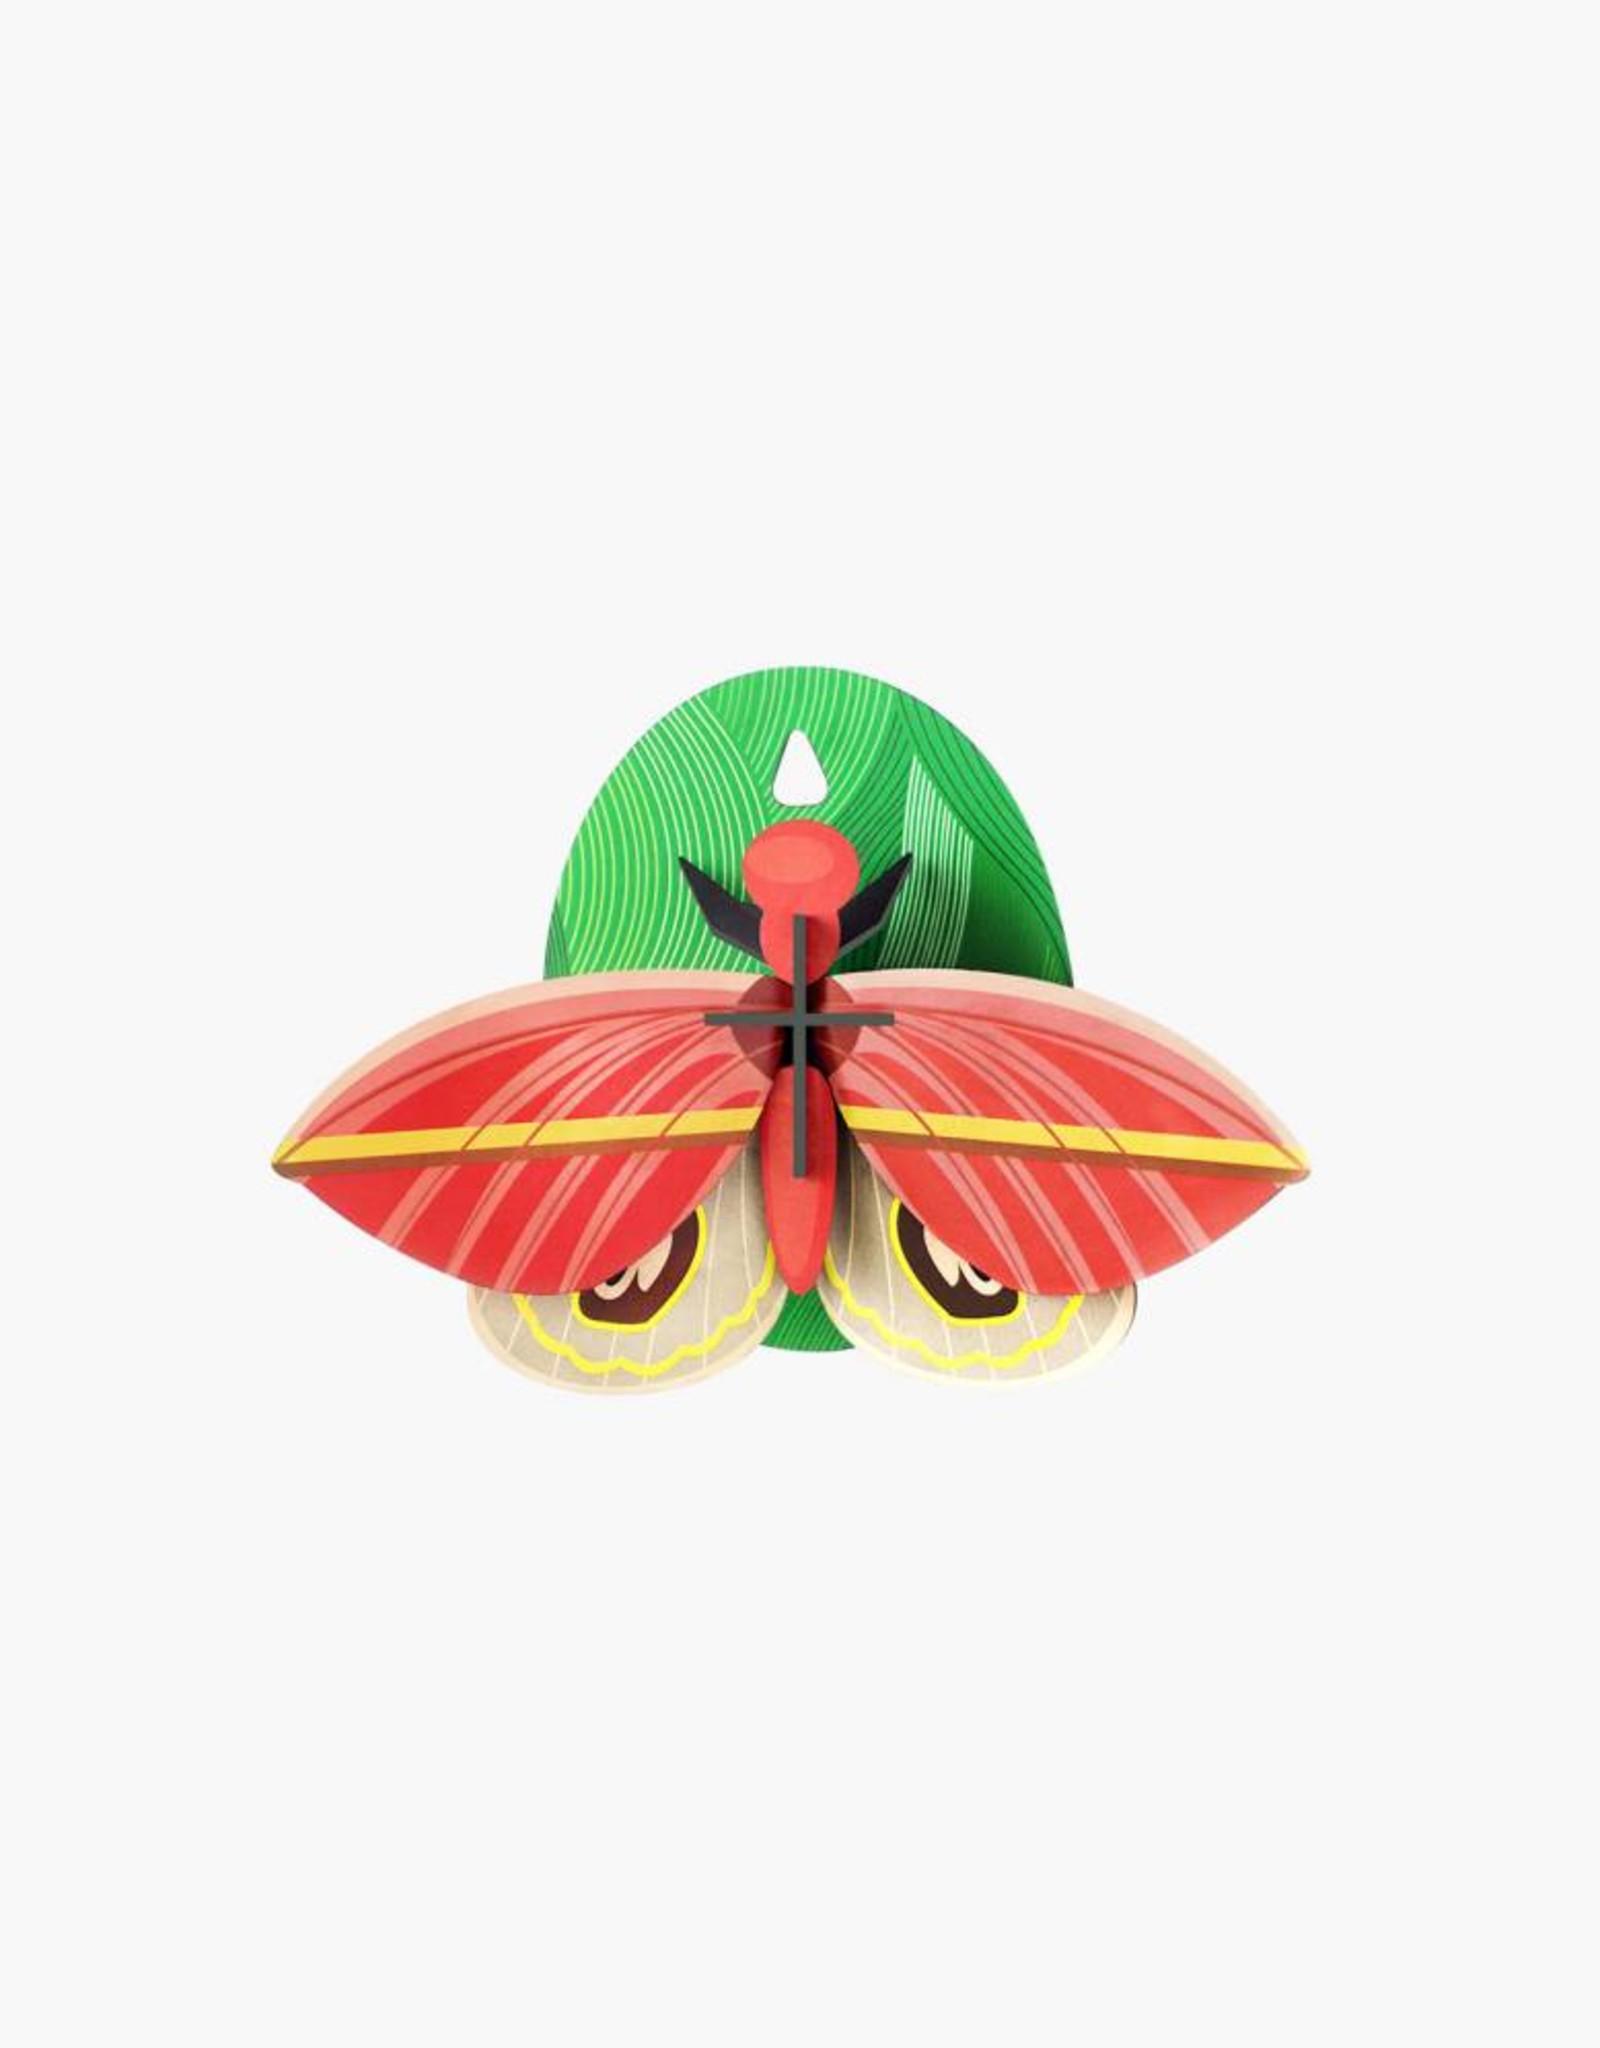 Studioroof Studioroof Little Wonders of Nature Emperor Moth